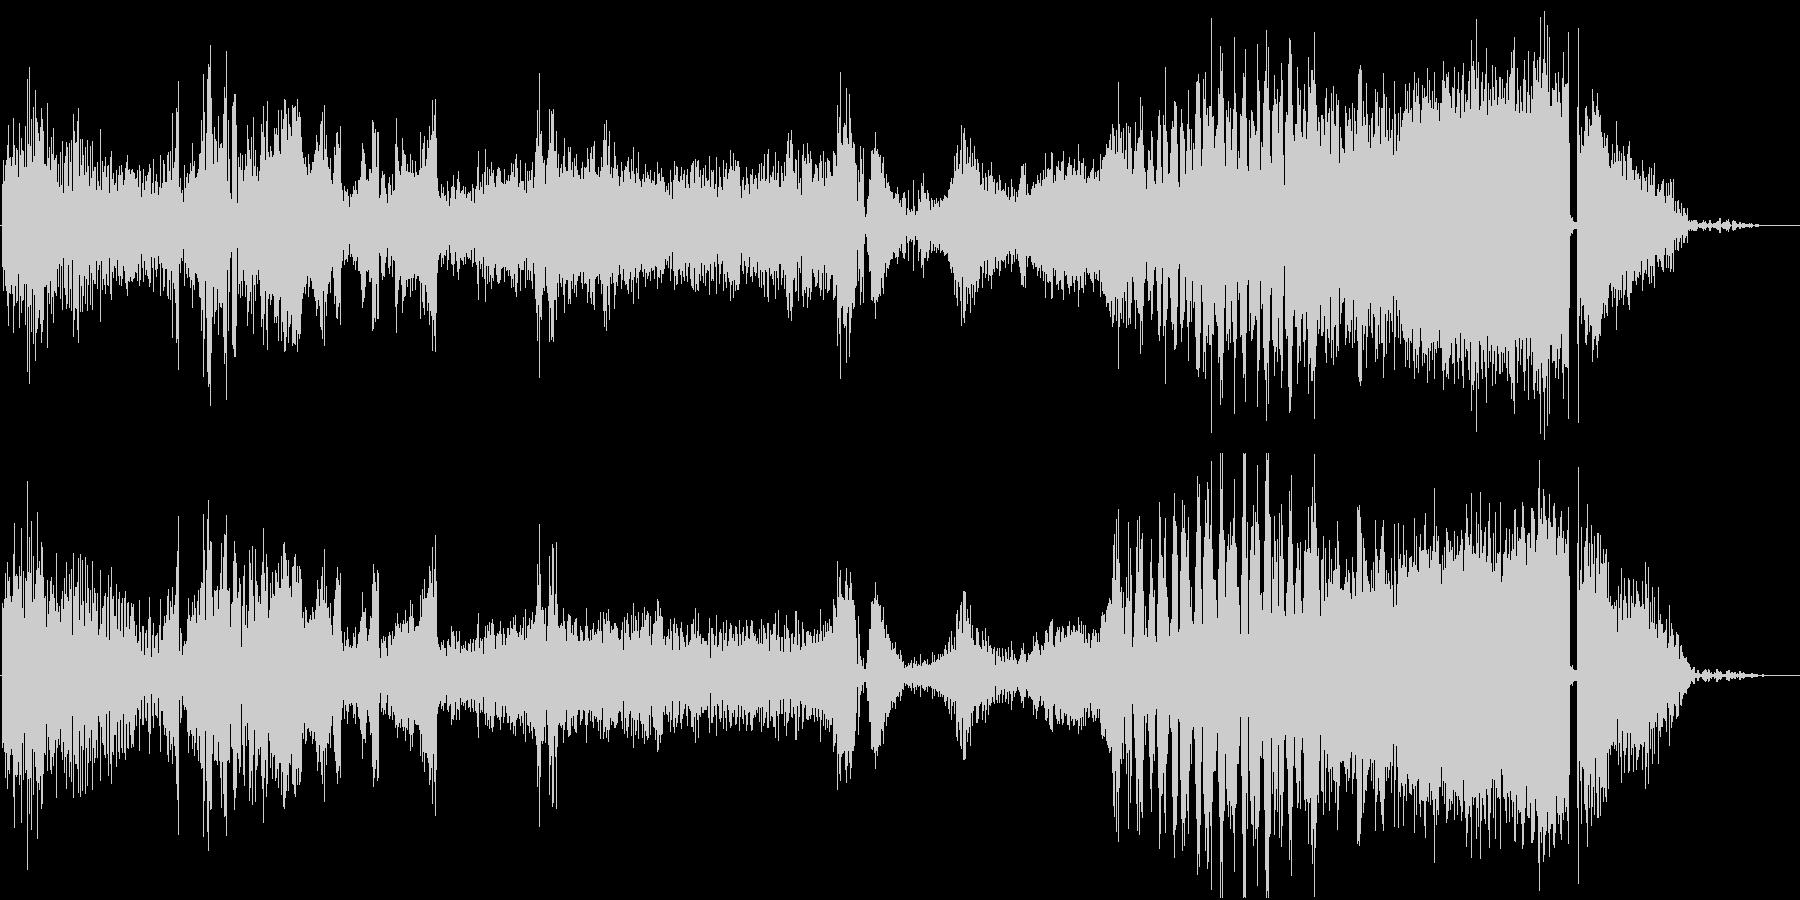 FMラジオ的ジングル2の未再生の波形